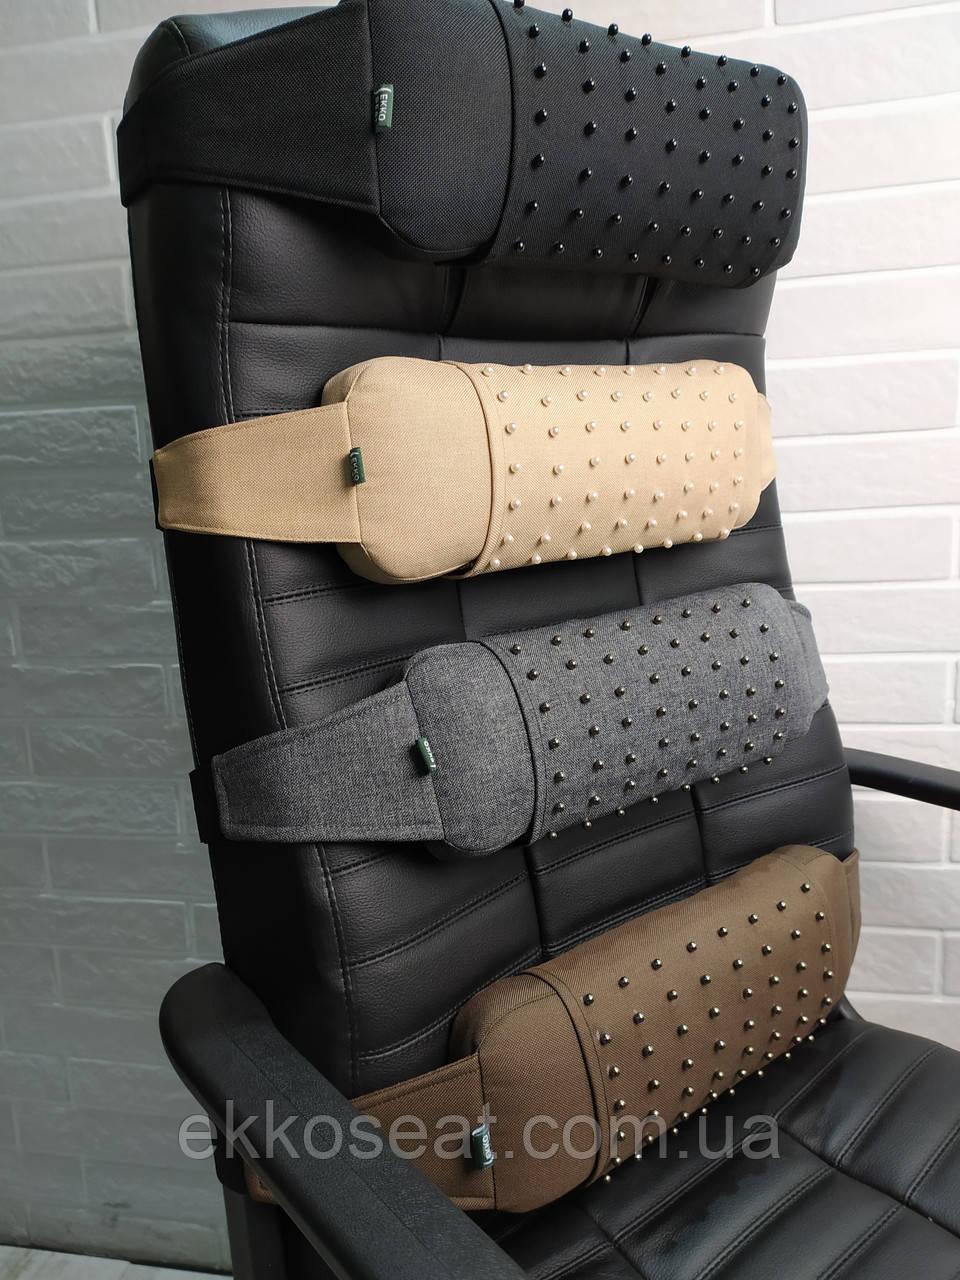 Разгрузка позвоночника EKKOSEAT  на офисное и авто кресло. Массажная накидка съемная.